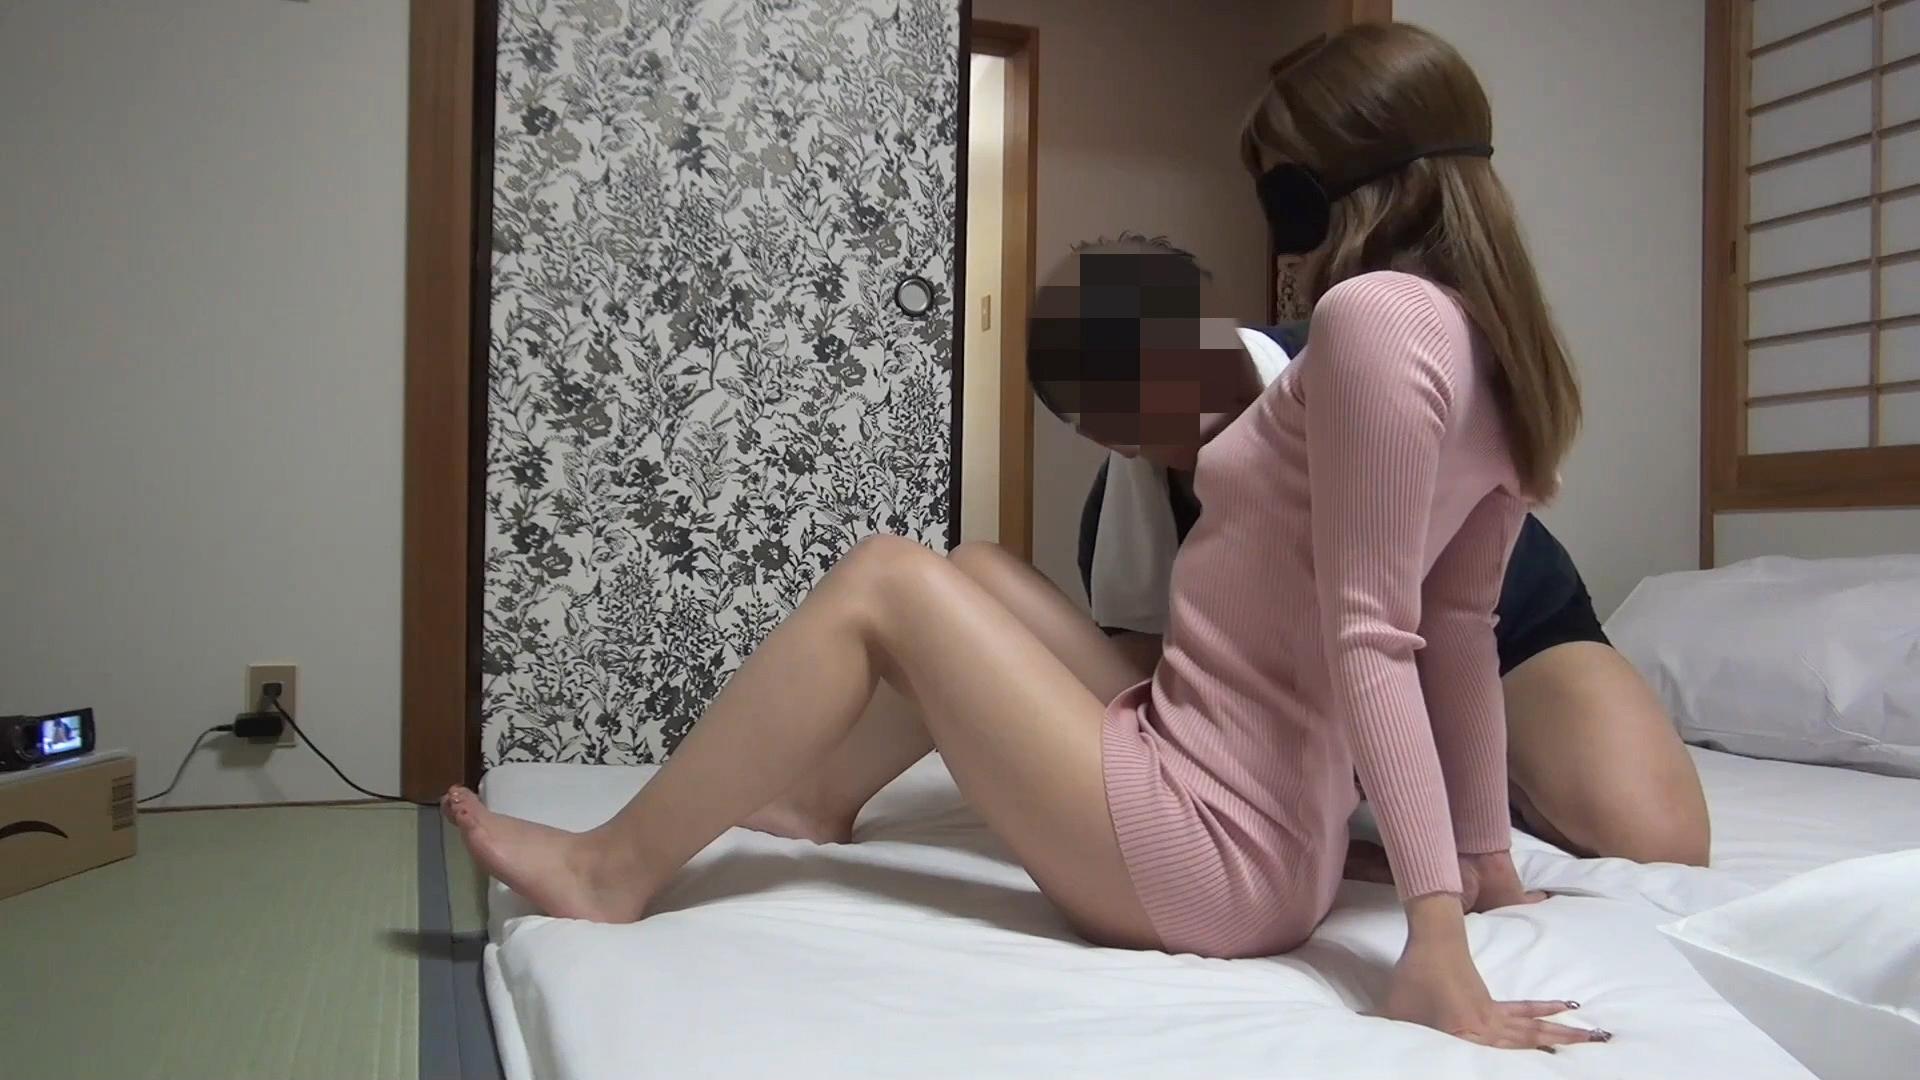 【個撮・素人】秋田美人ママの孕ませる為の寝取られセックス!衝撃の秘密の過去が…《特典映像付き》